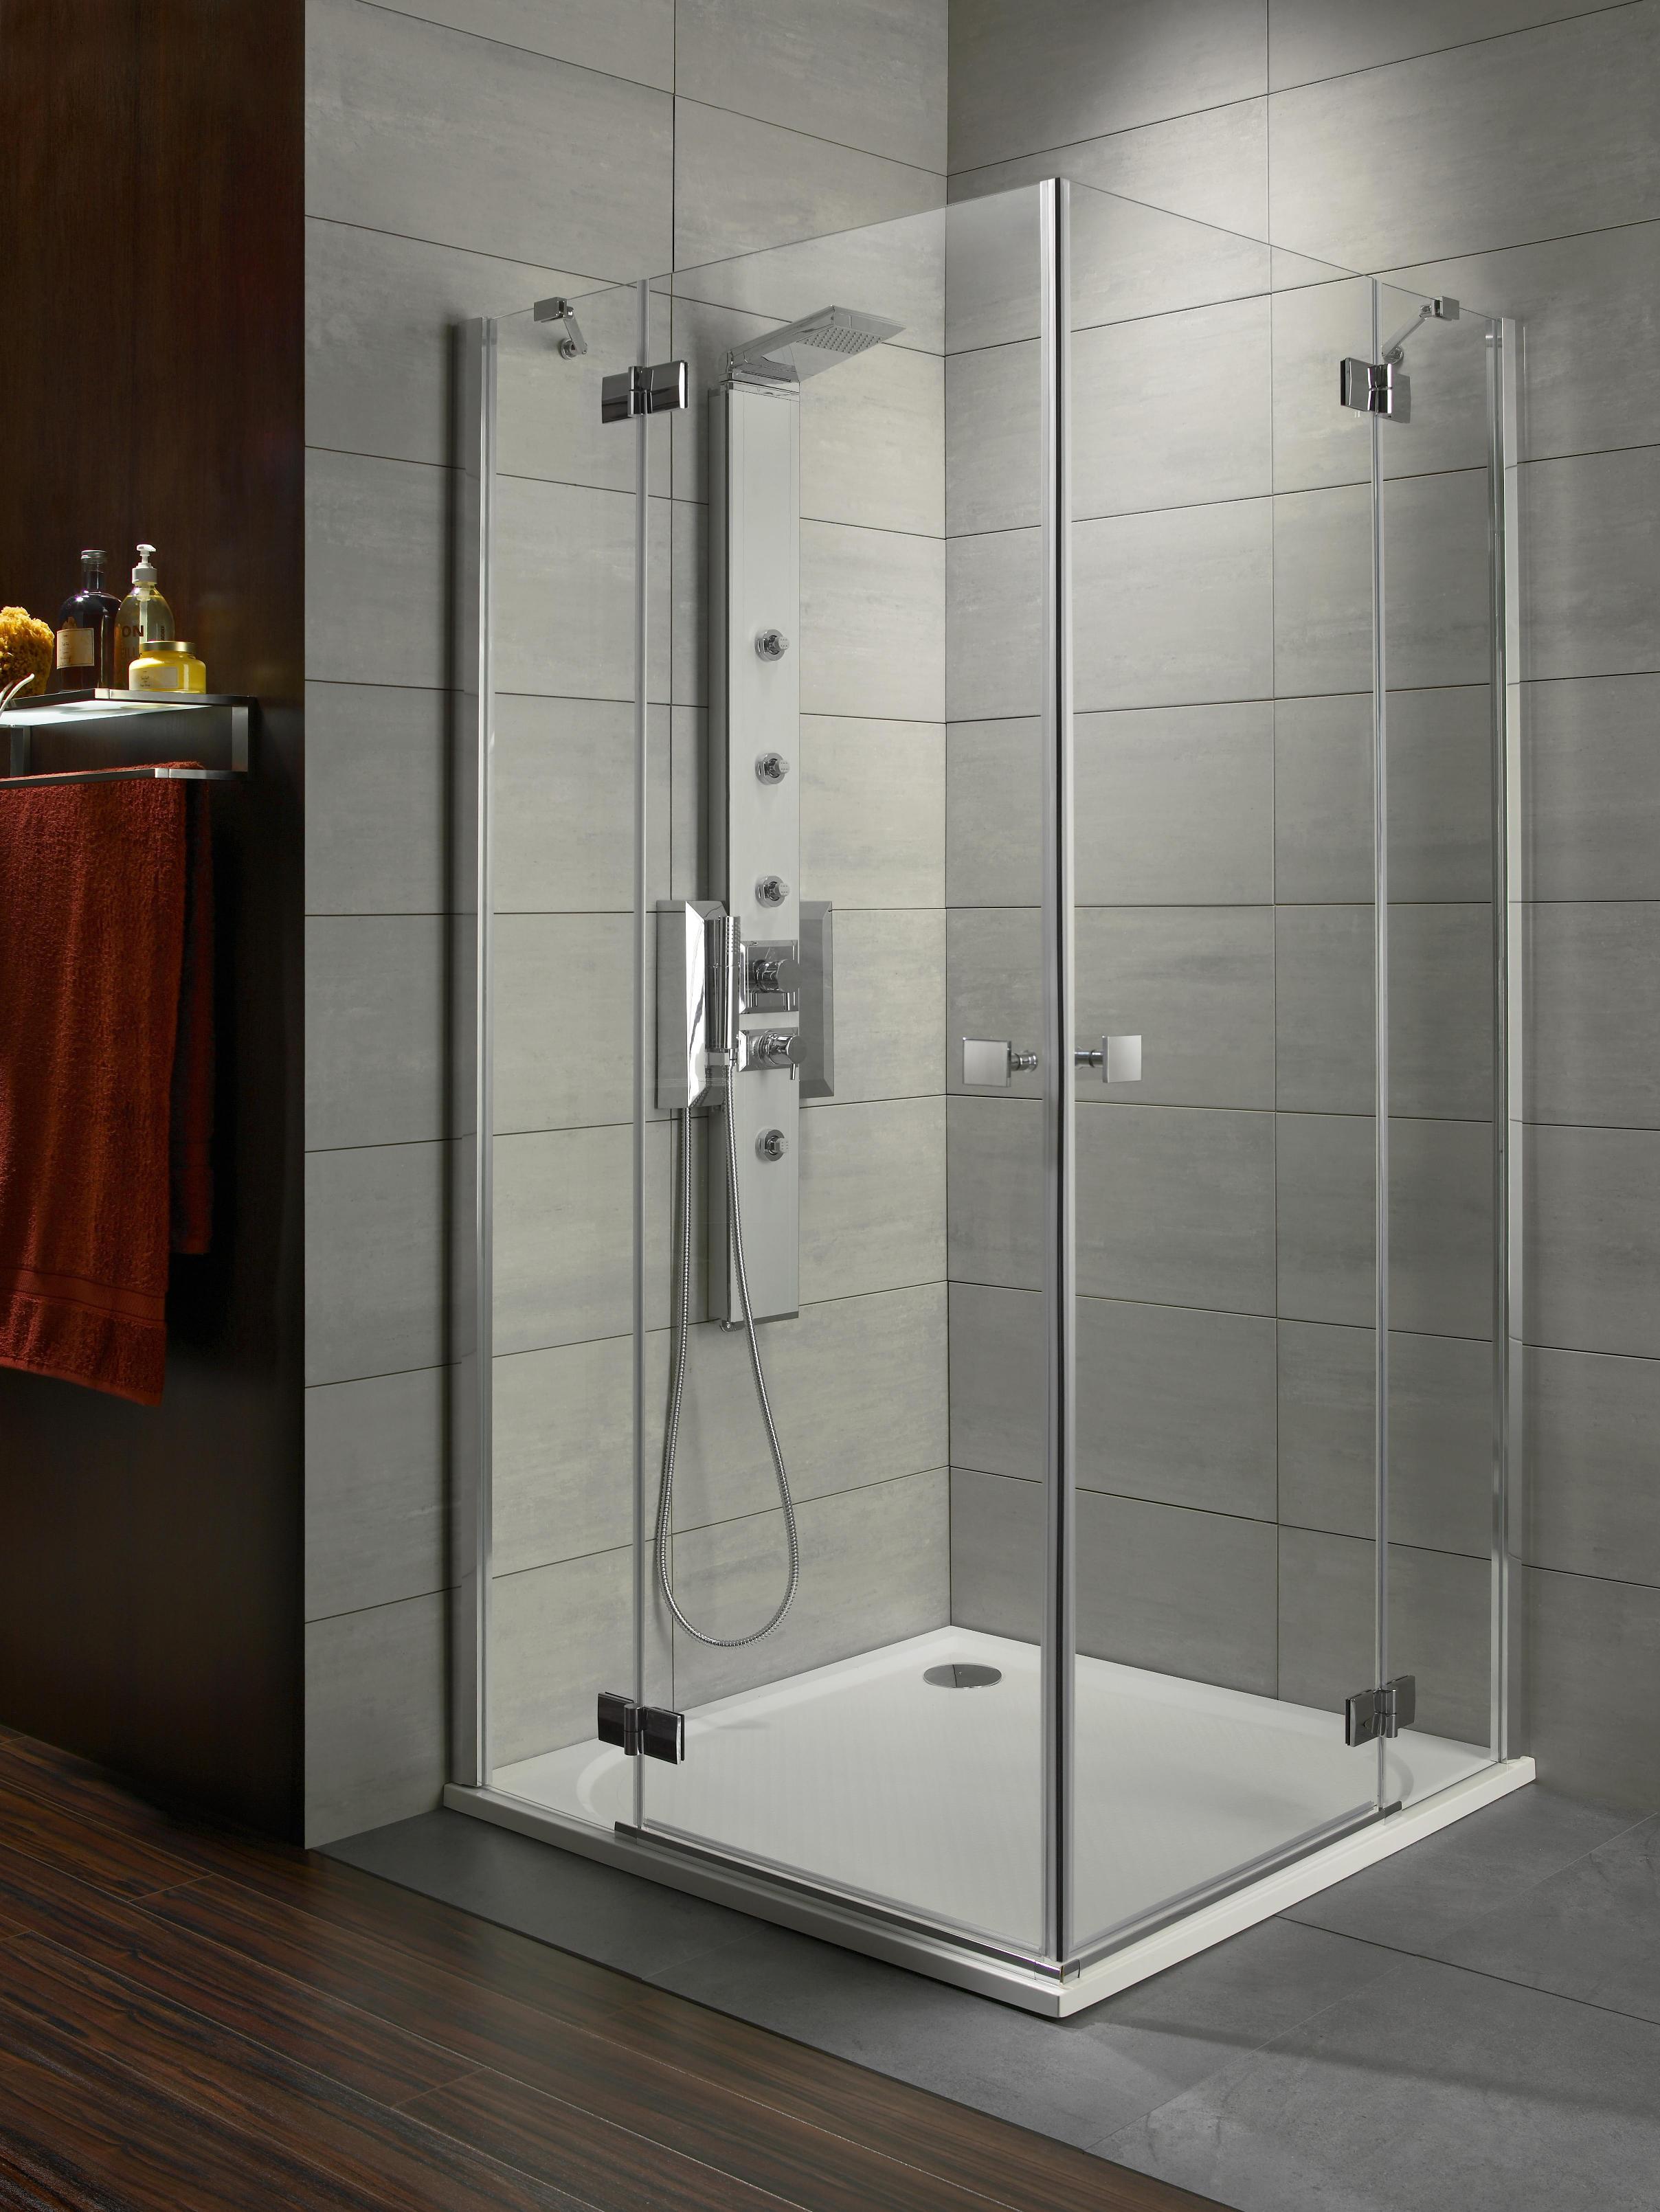 сразу: продам душ кабину угловую бу москва правильно определиться